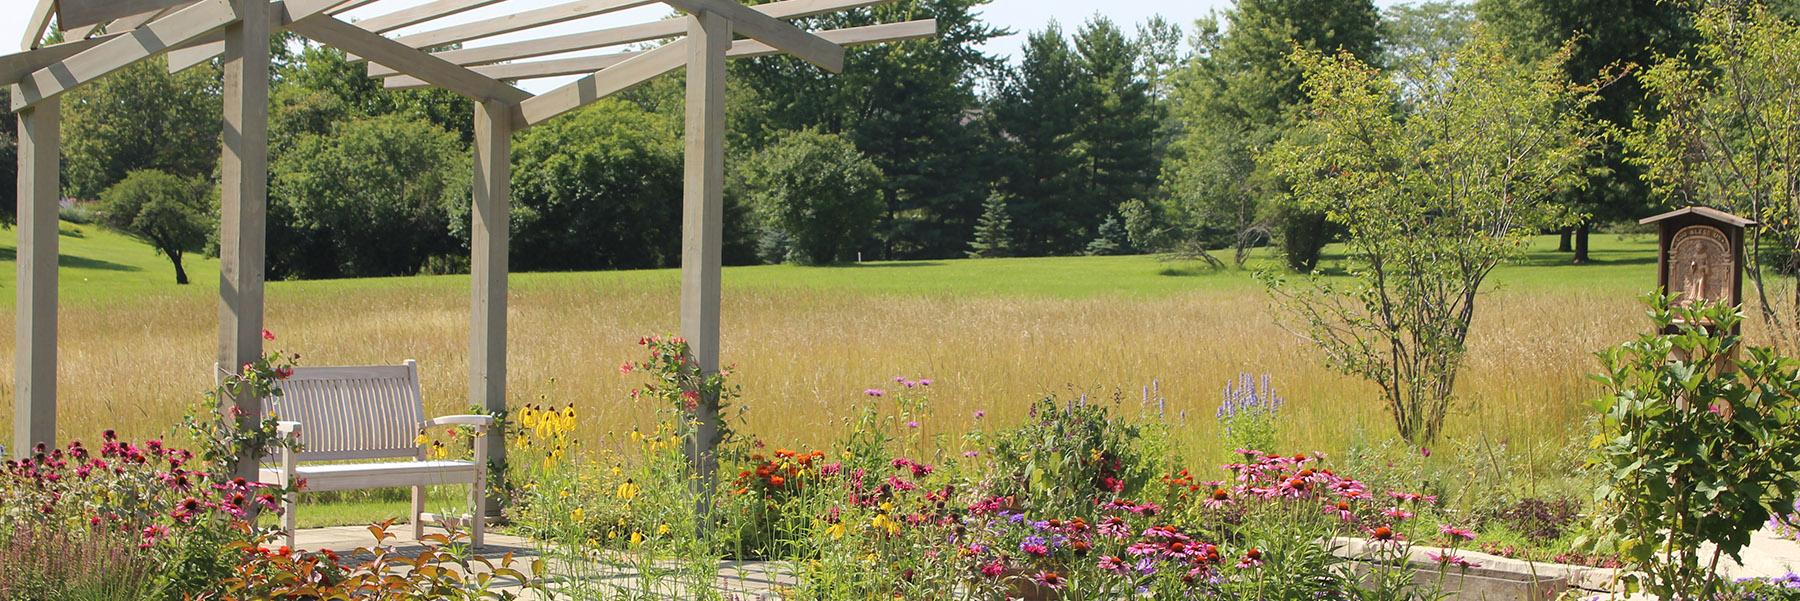 Suzie's Memorial Garden